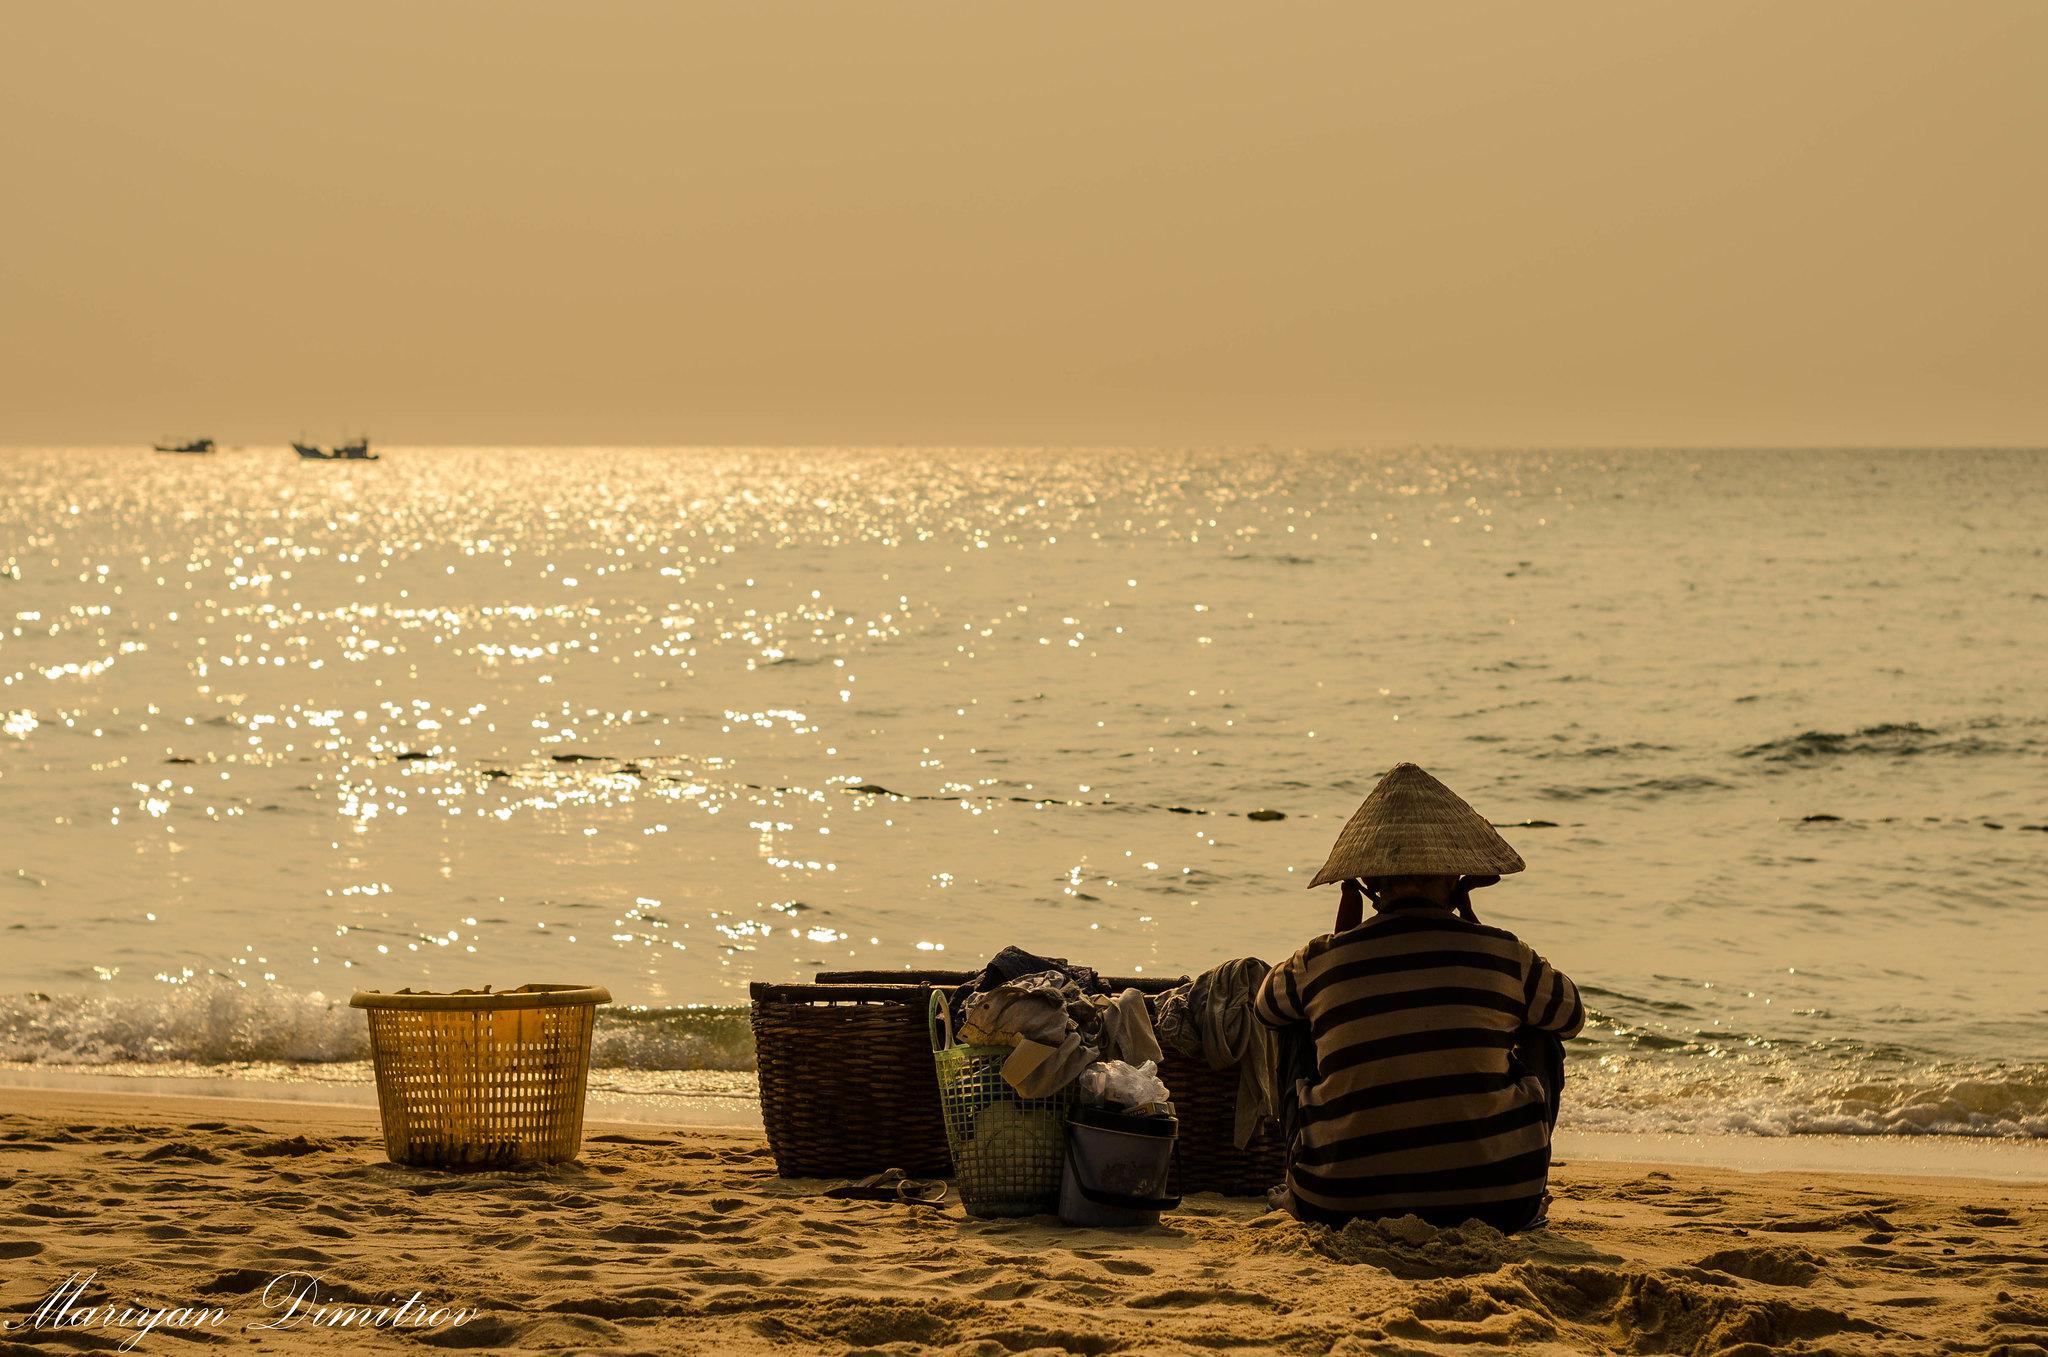 Disfrutando en soledad - viaje en solitario